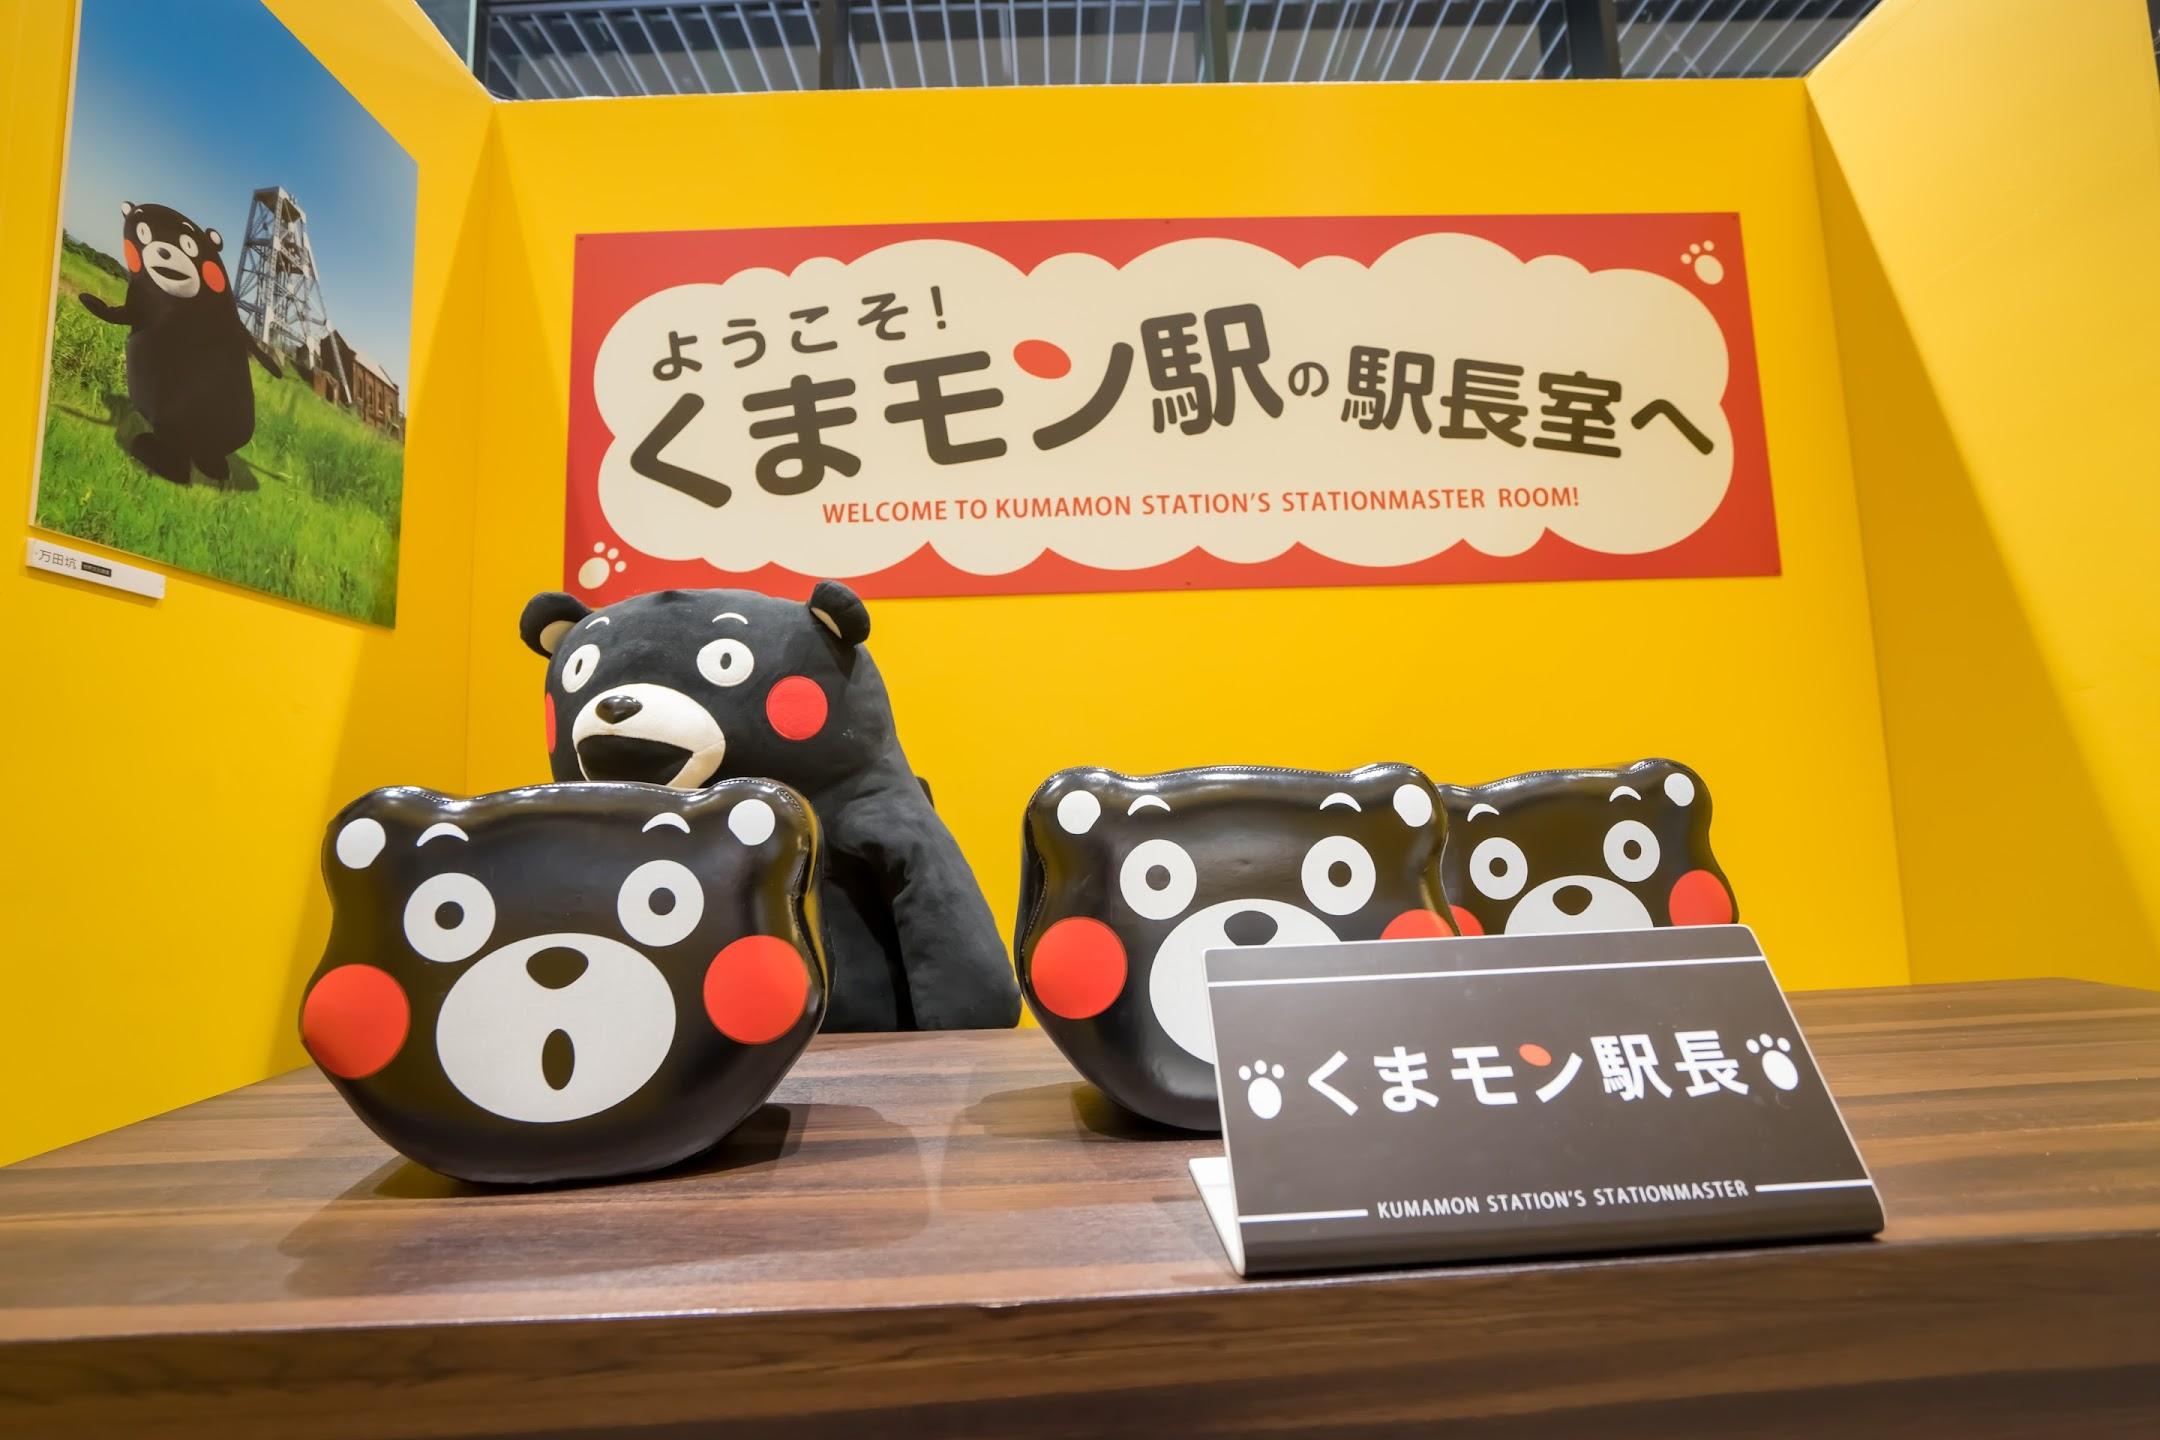 熊本駅 くまモン駅 駅長室2